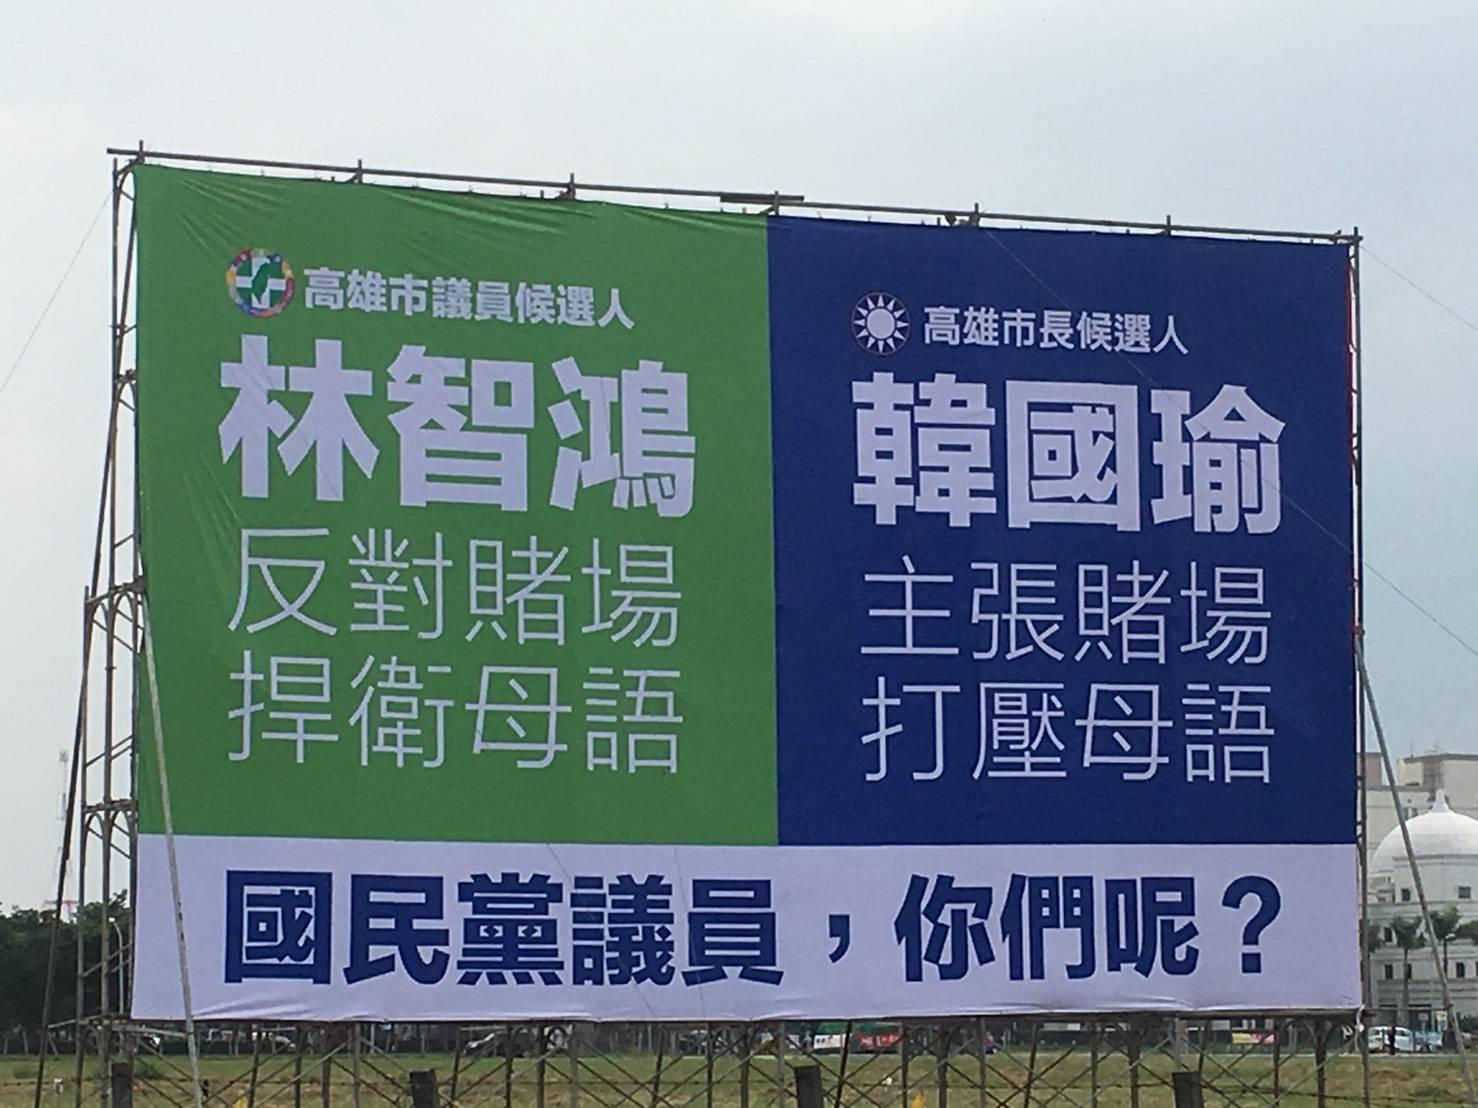 向韓國瑜的Casino說NO!高雄青六參選人在六區掛看板 要求國民黨表態